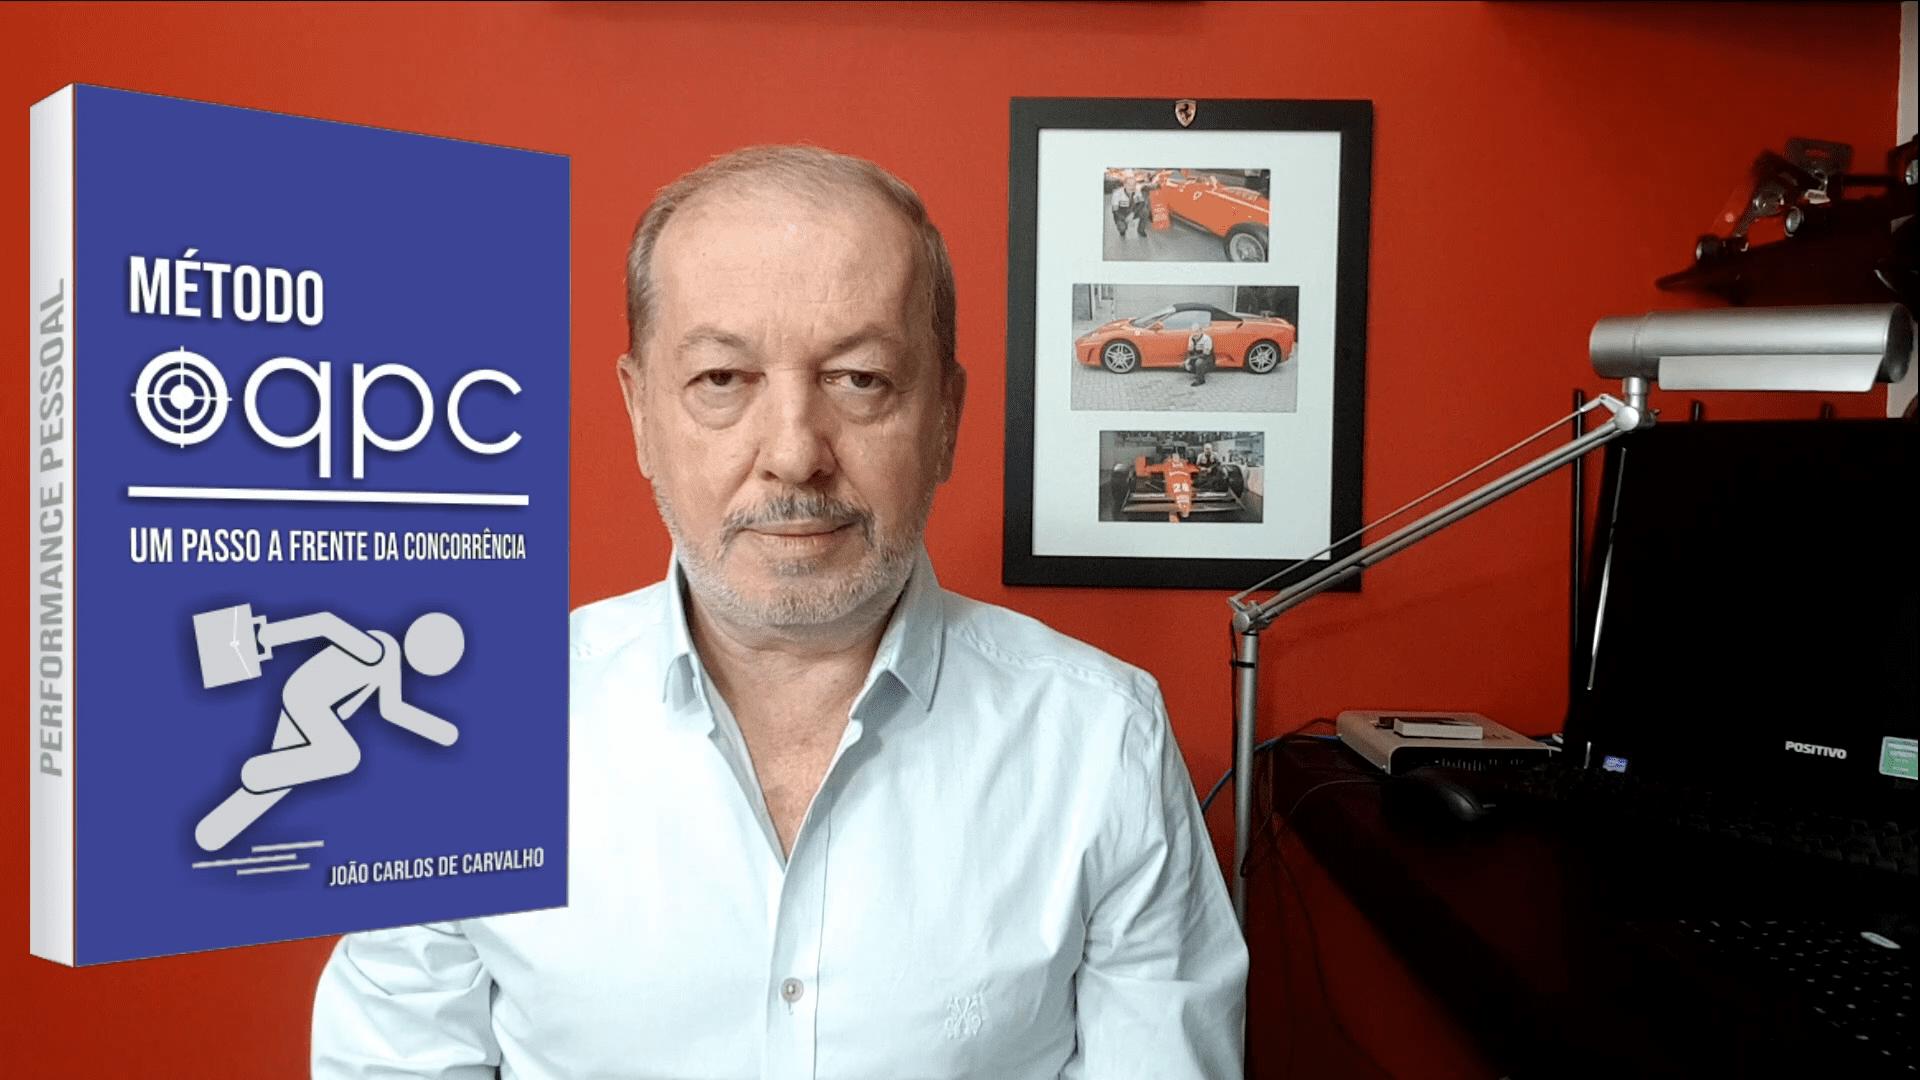 Apresentação do Método OQPC